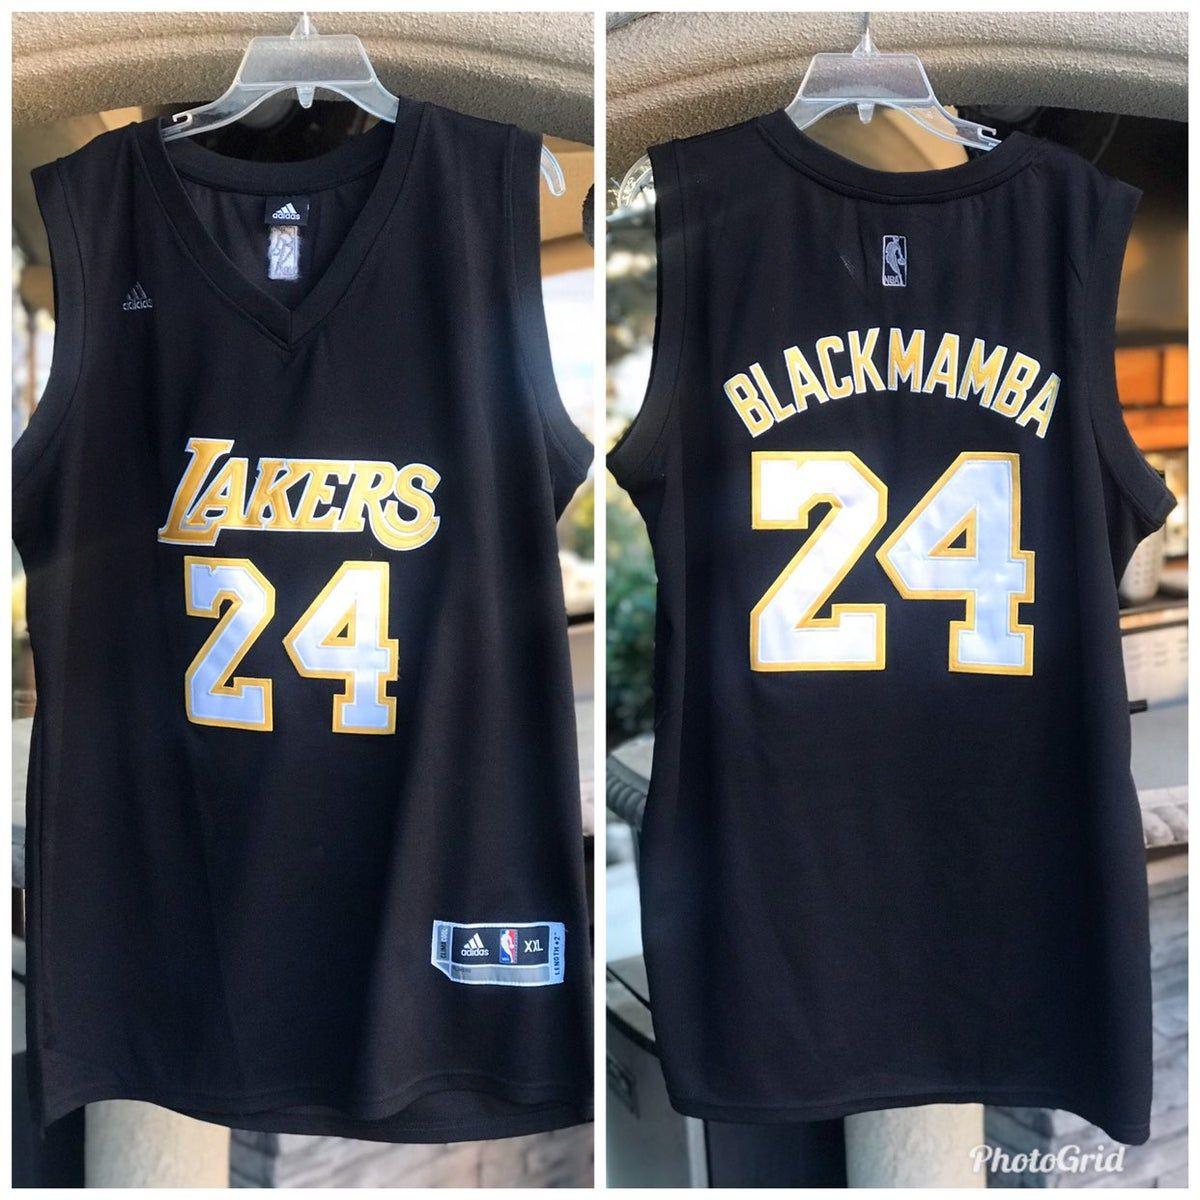 Adidas Kobe Bryant Black Mamba Jersey